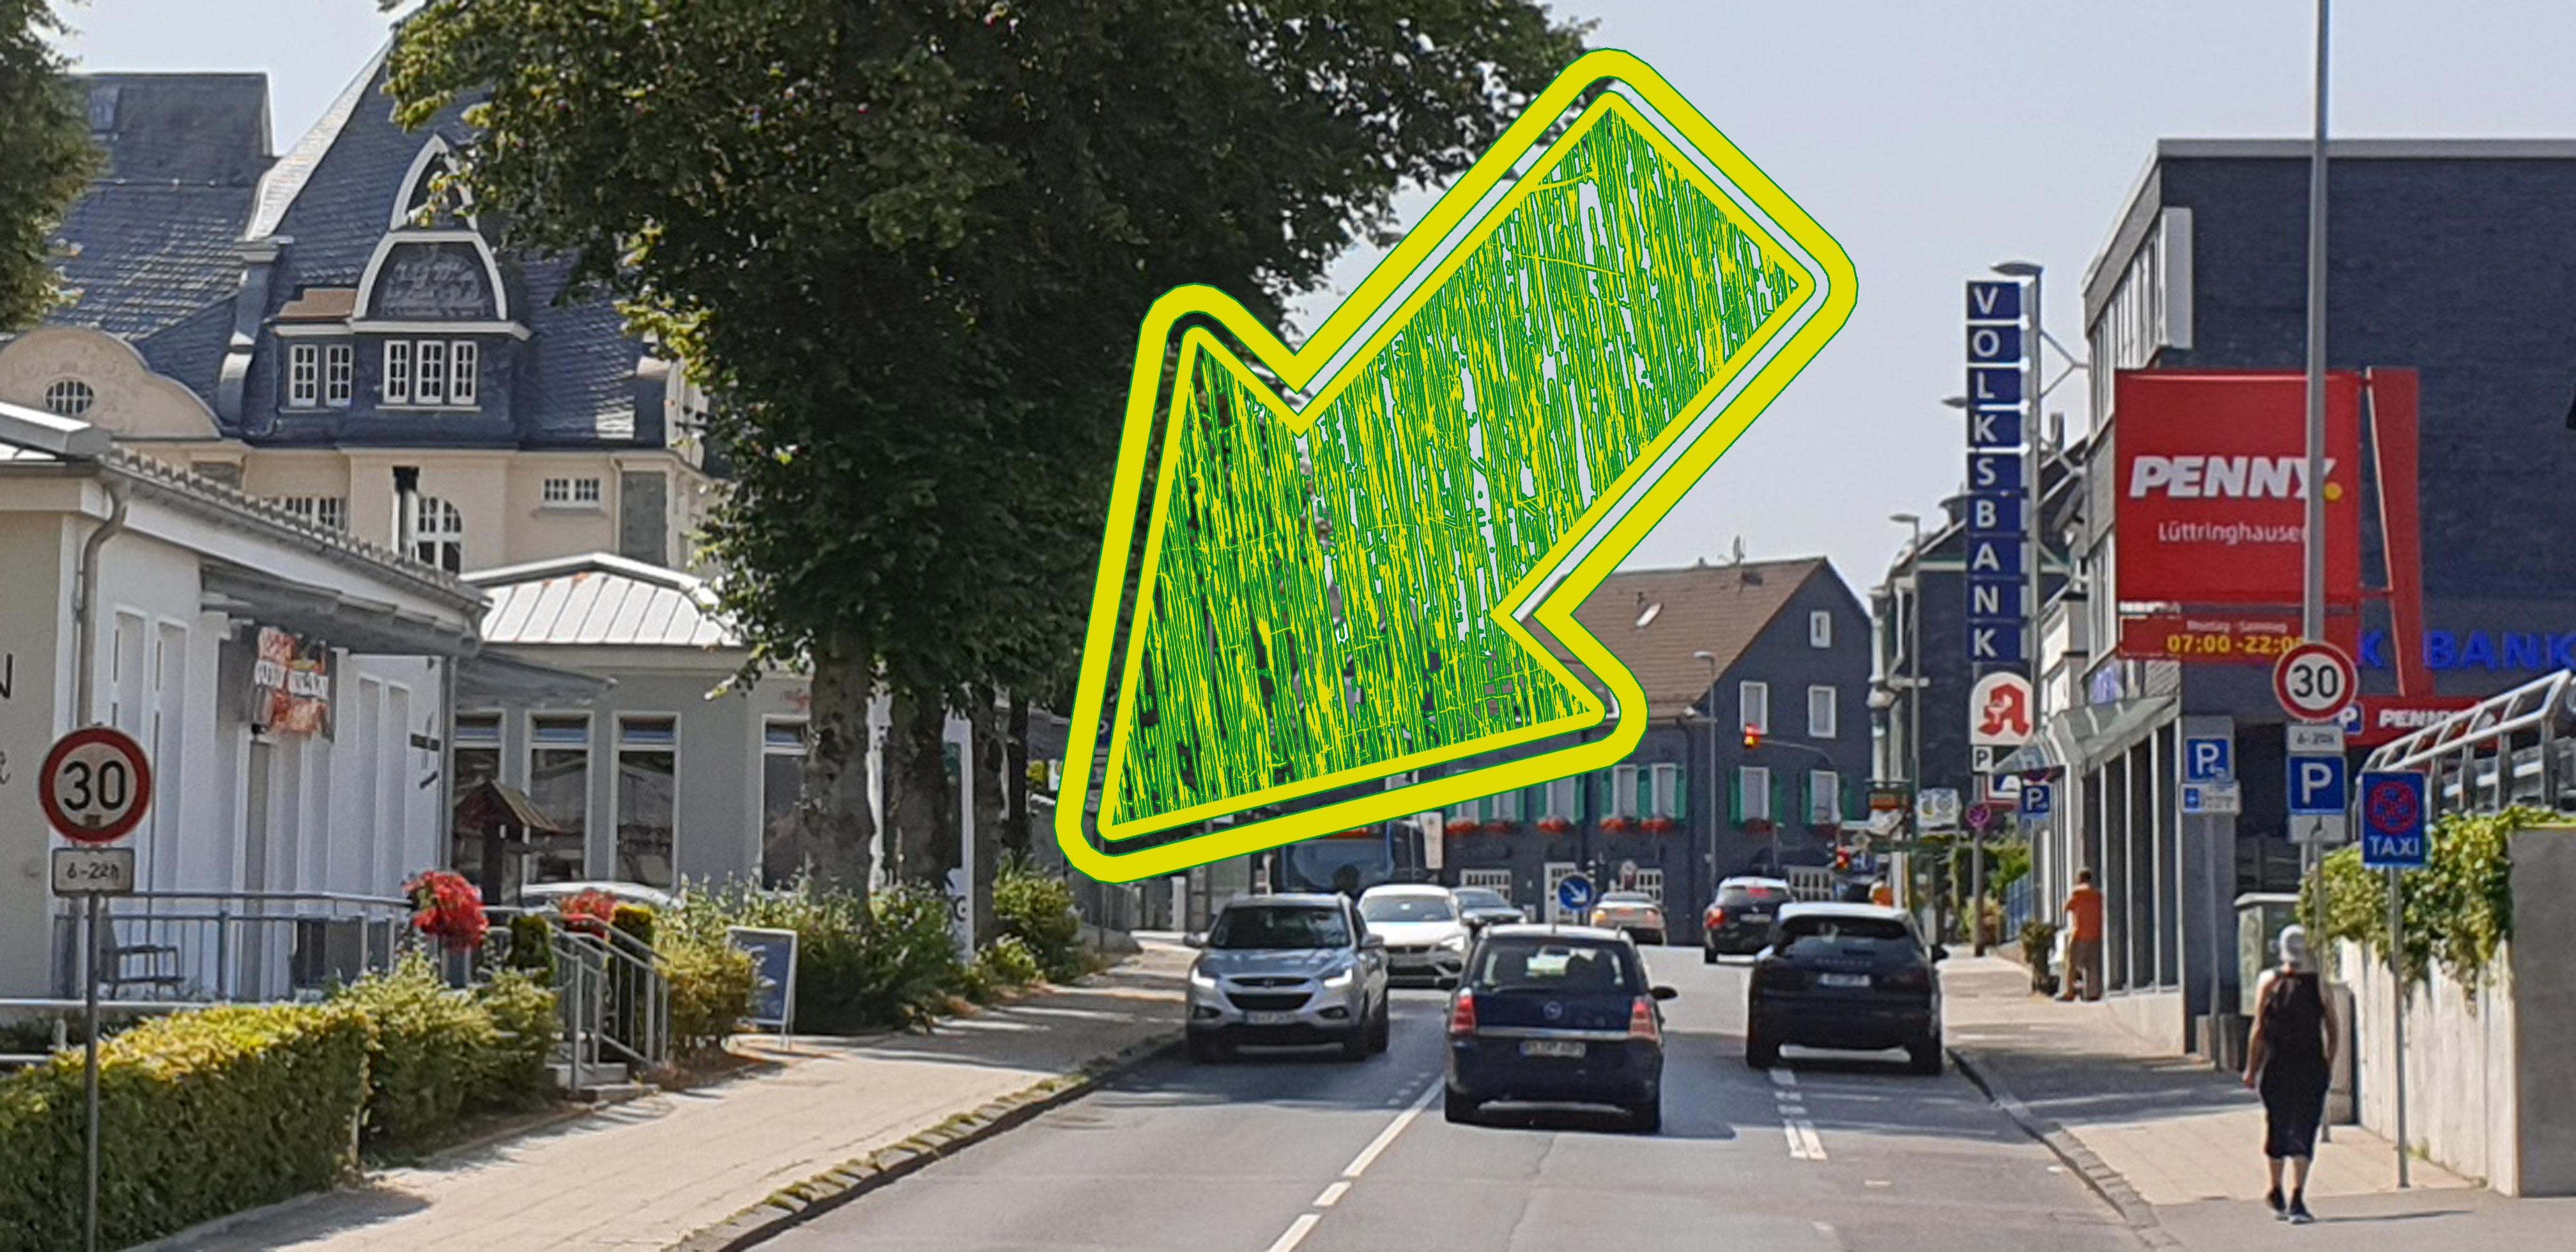 Treffpunkt zum Fotorundgang durch Lüttringhausen vom Kulturkreis mit Juudo-Fotografie ist die Holzofenbackstube BEckmann an der Kreuzbergstraße 13. Foto: Sascha von Gerishem